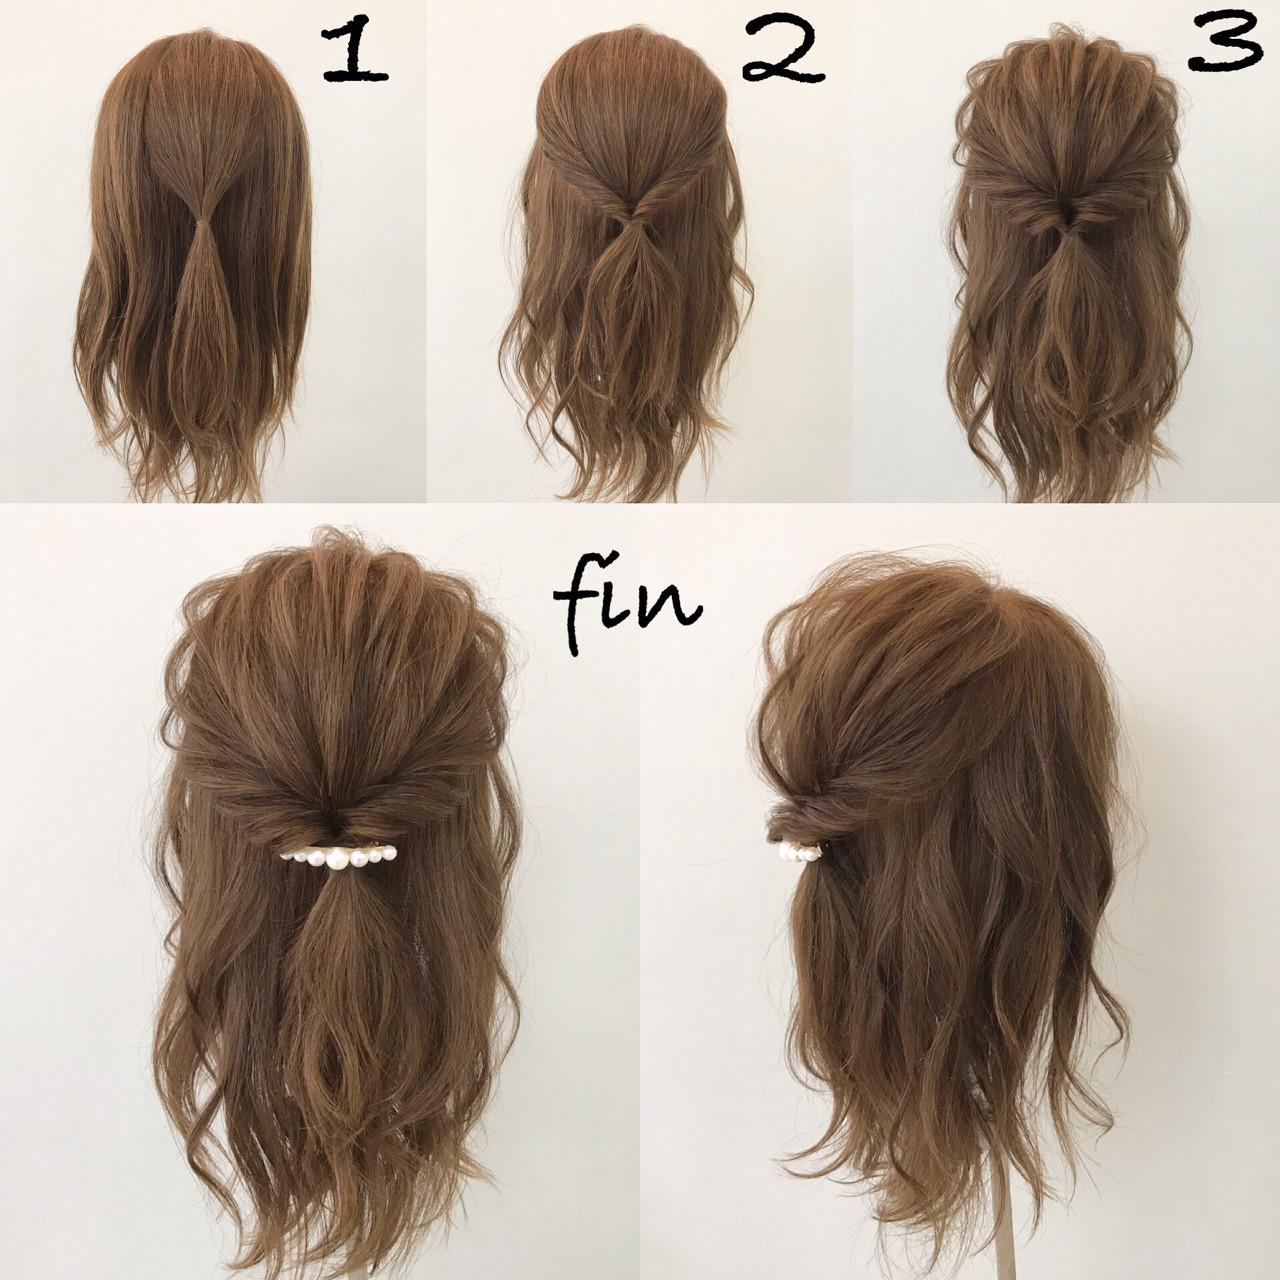 女子会 デート ナチュラル ミディアム ヘアスタイルや髪型の写真・画像